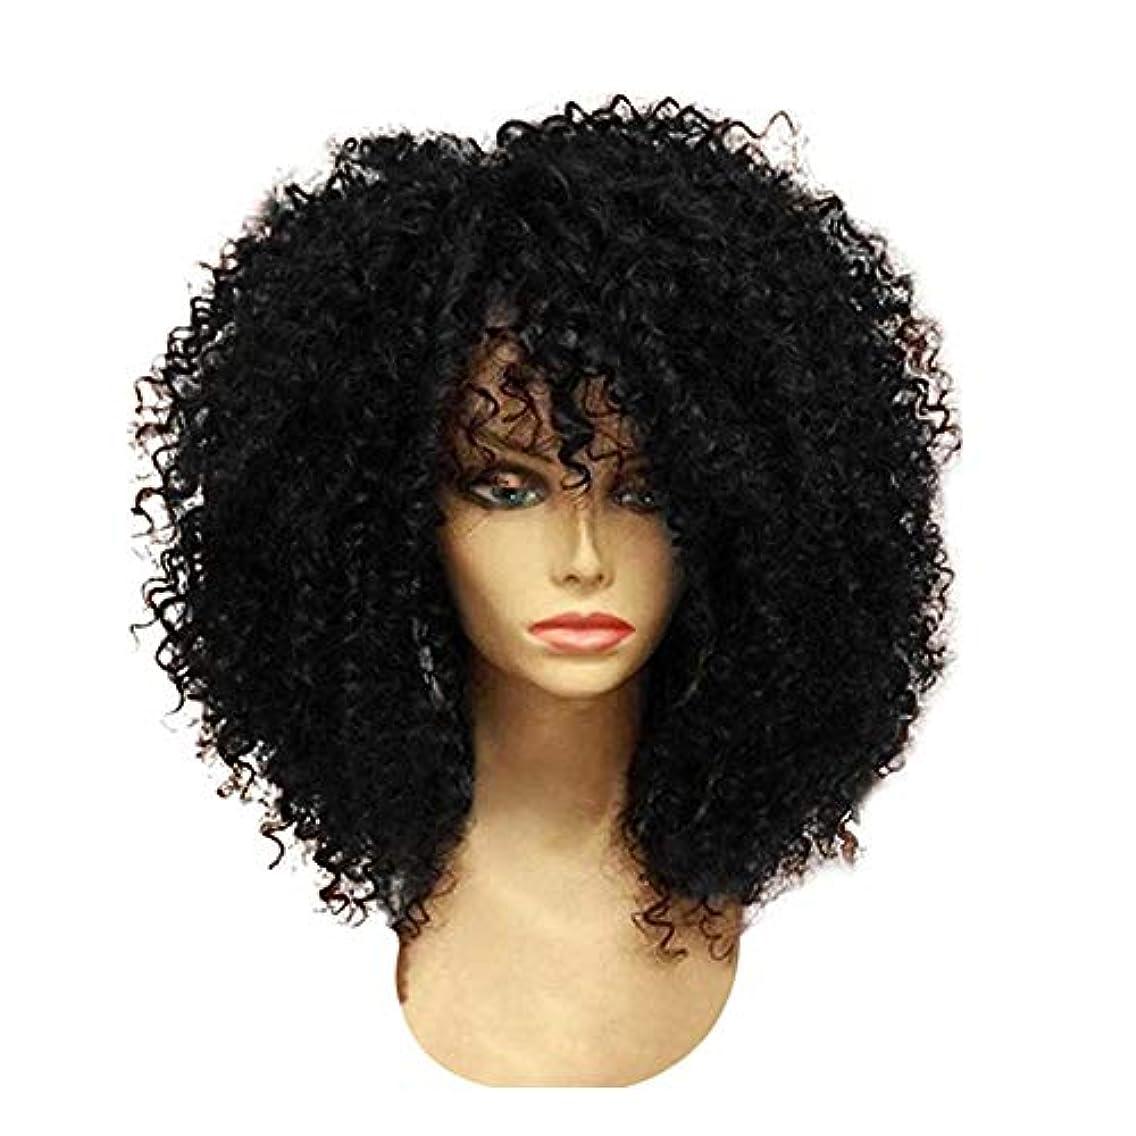 廃止ひどくエリートYOUQIU 前髪ウィッグ合成ブラックとブラウンかつらと女性ショートのクイック織り合成カーリーウィッグ (色 : 黒, サイズ : 15.7